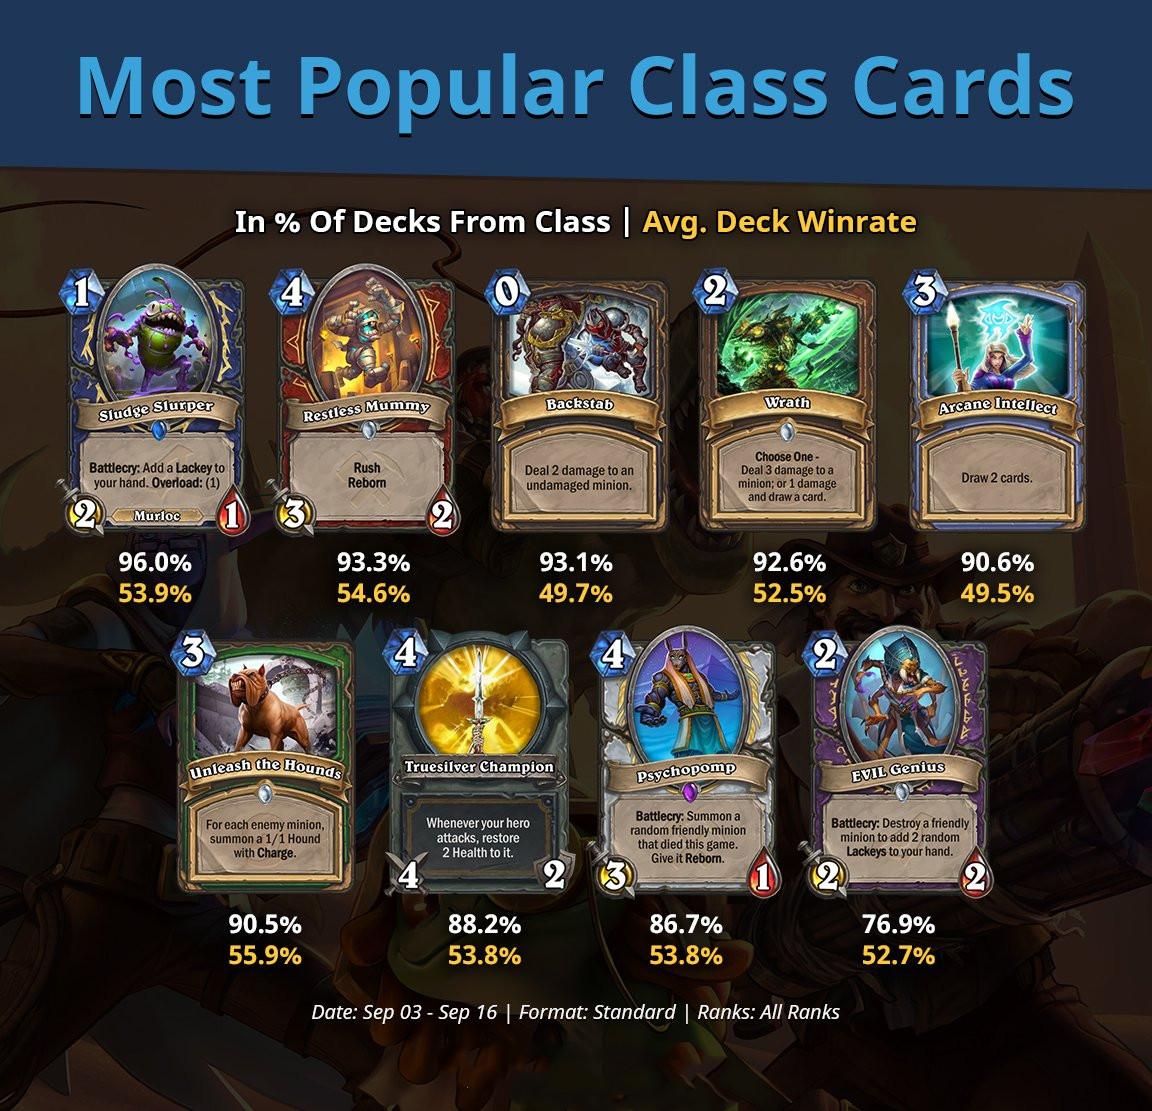 炉石传说:9职业出场率最高的卡牌,和你的套牌中的情况一样吗?